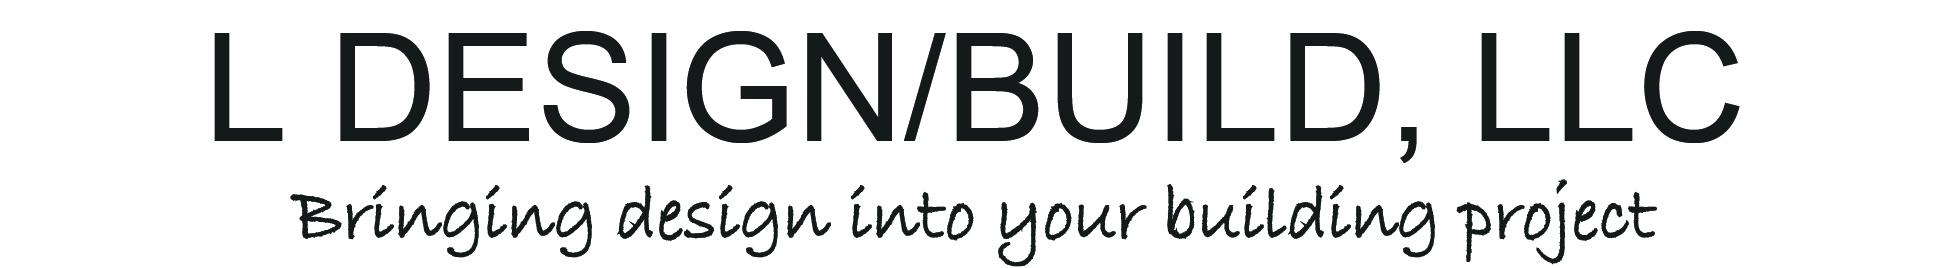 L Design/Build, LLC logo